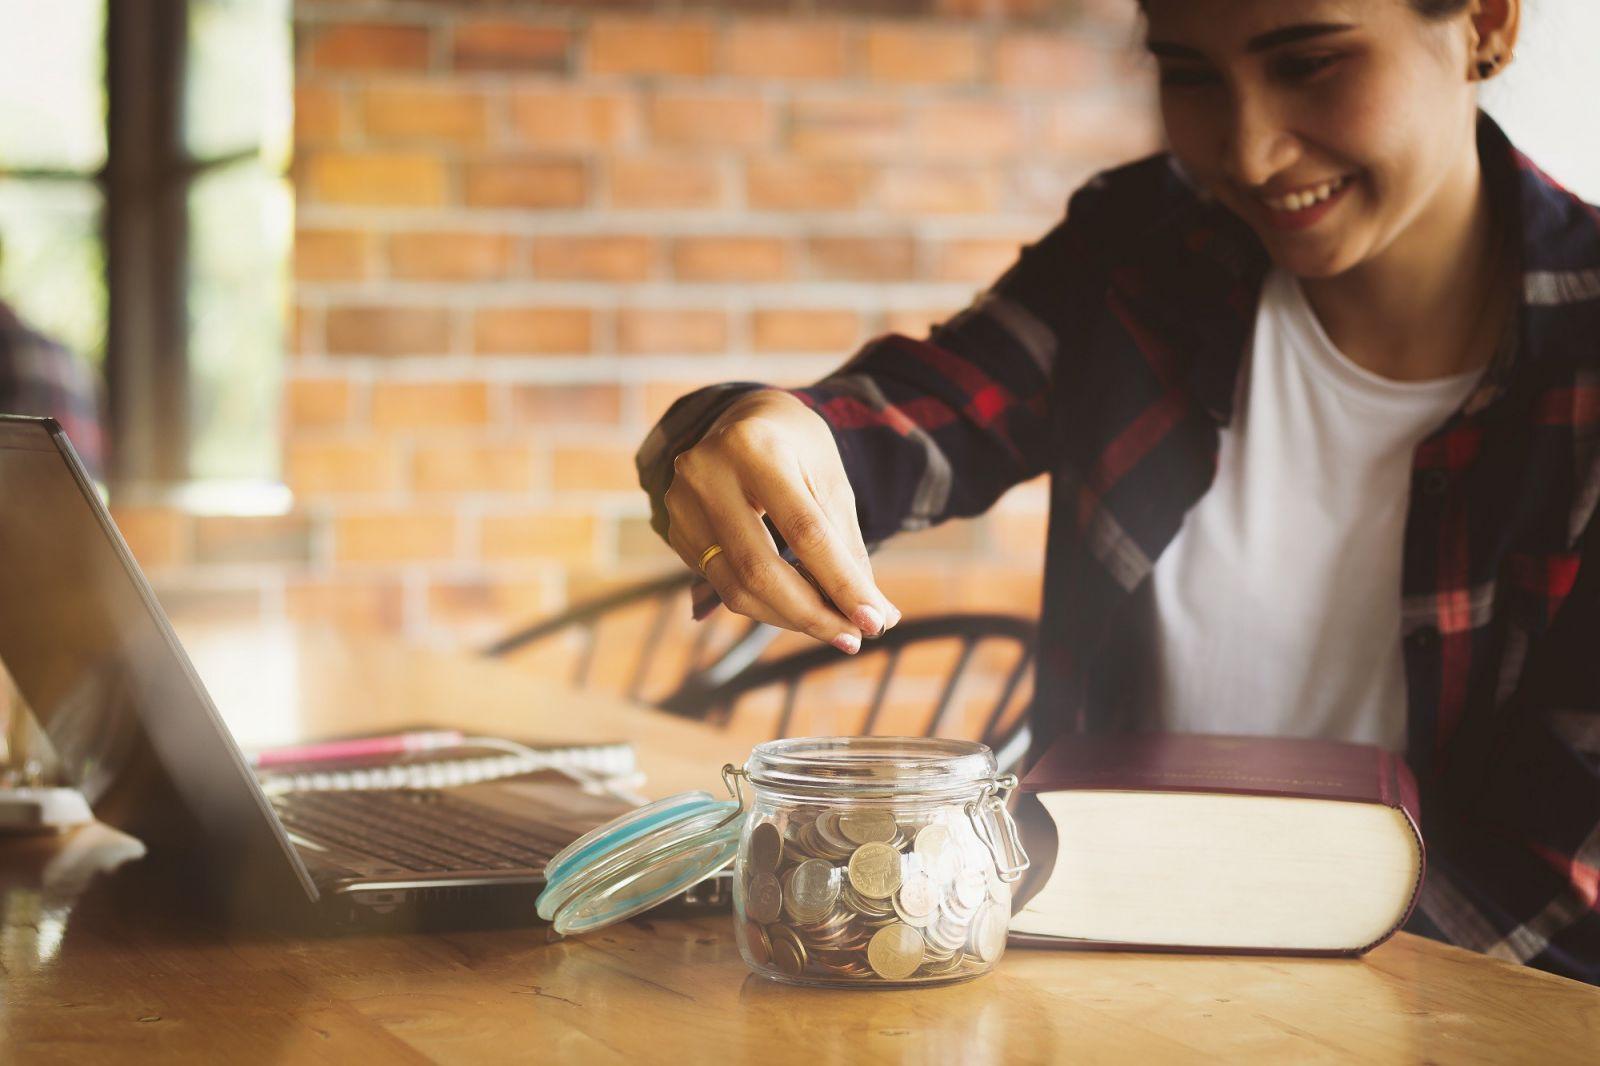 Việc cố định một khoản tiền tiết kiệm hàng tháng không chỉ giúp bạn hạn chế những chi tiêu không cần thiết mà còn dễ dàng đạt được các mục tiêu tài chính trong tương lai.